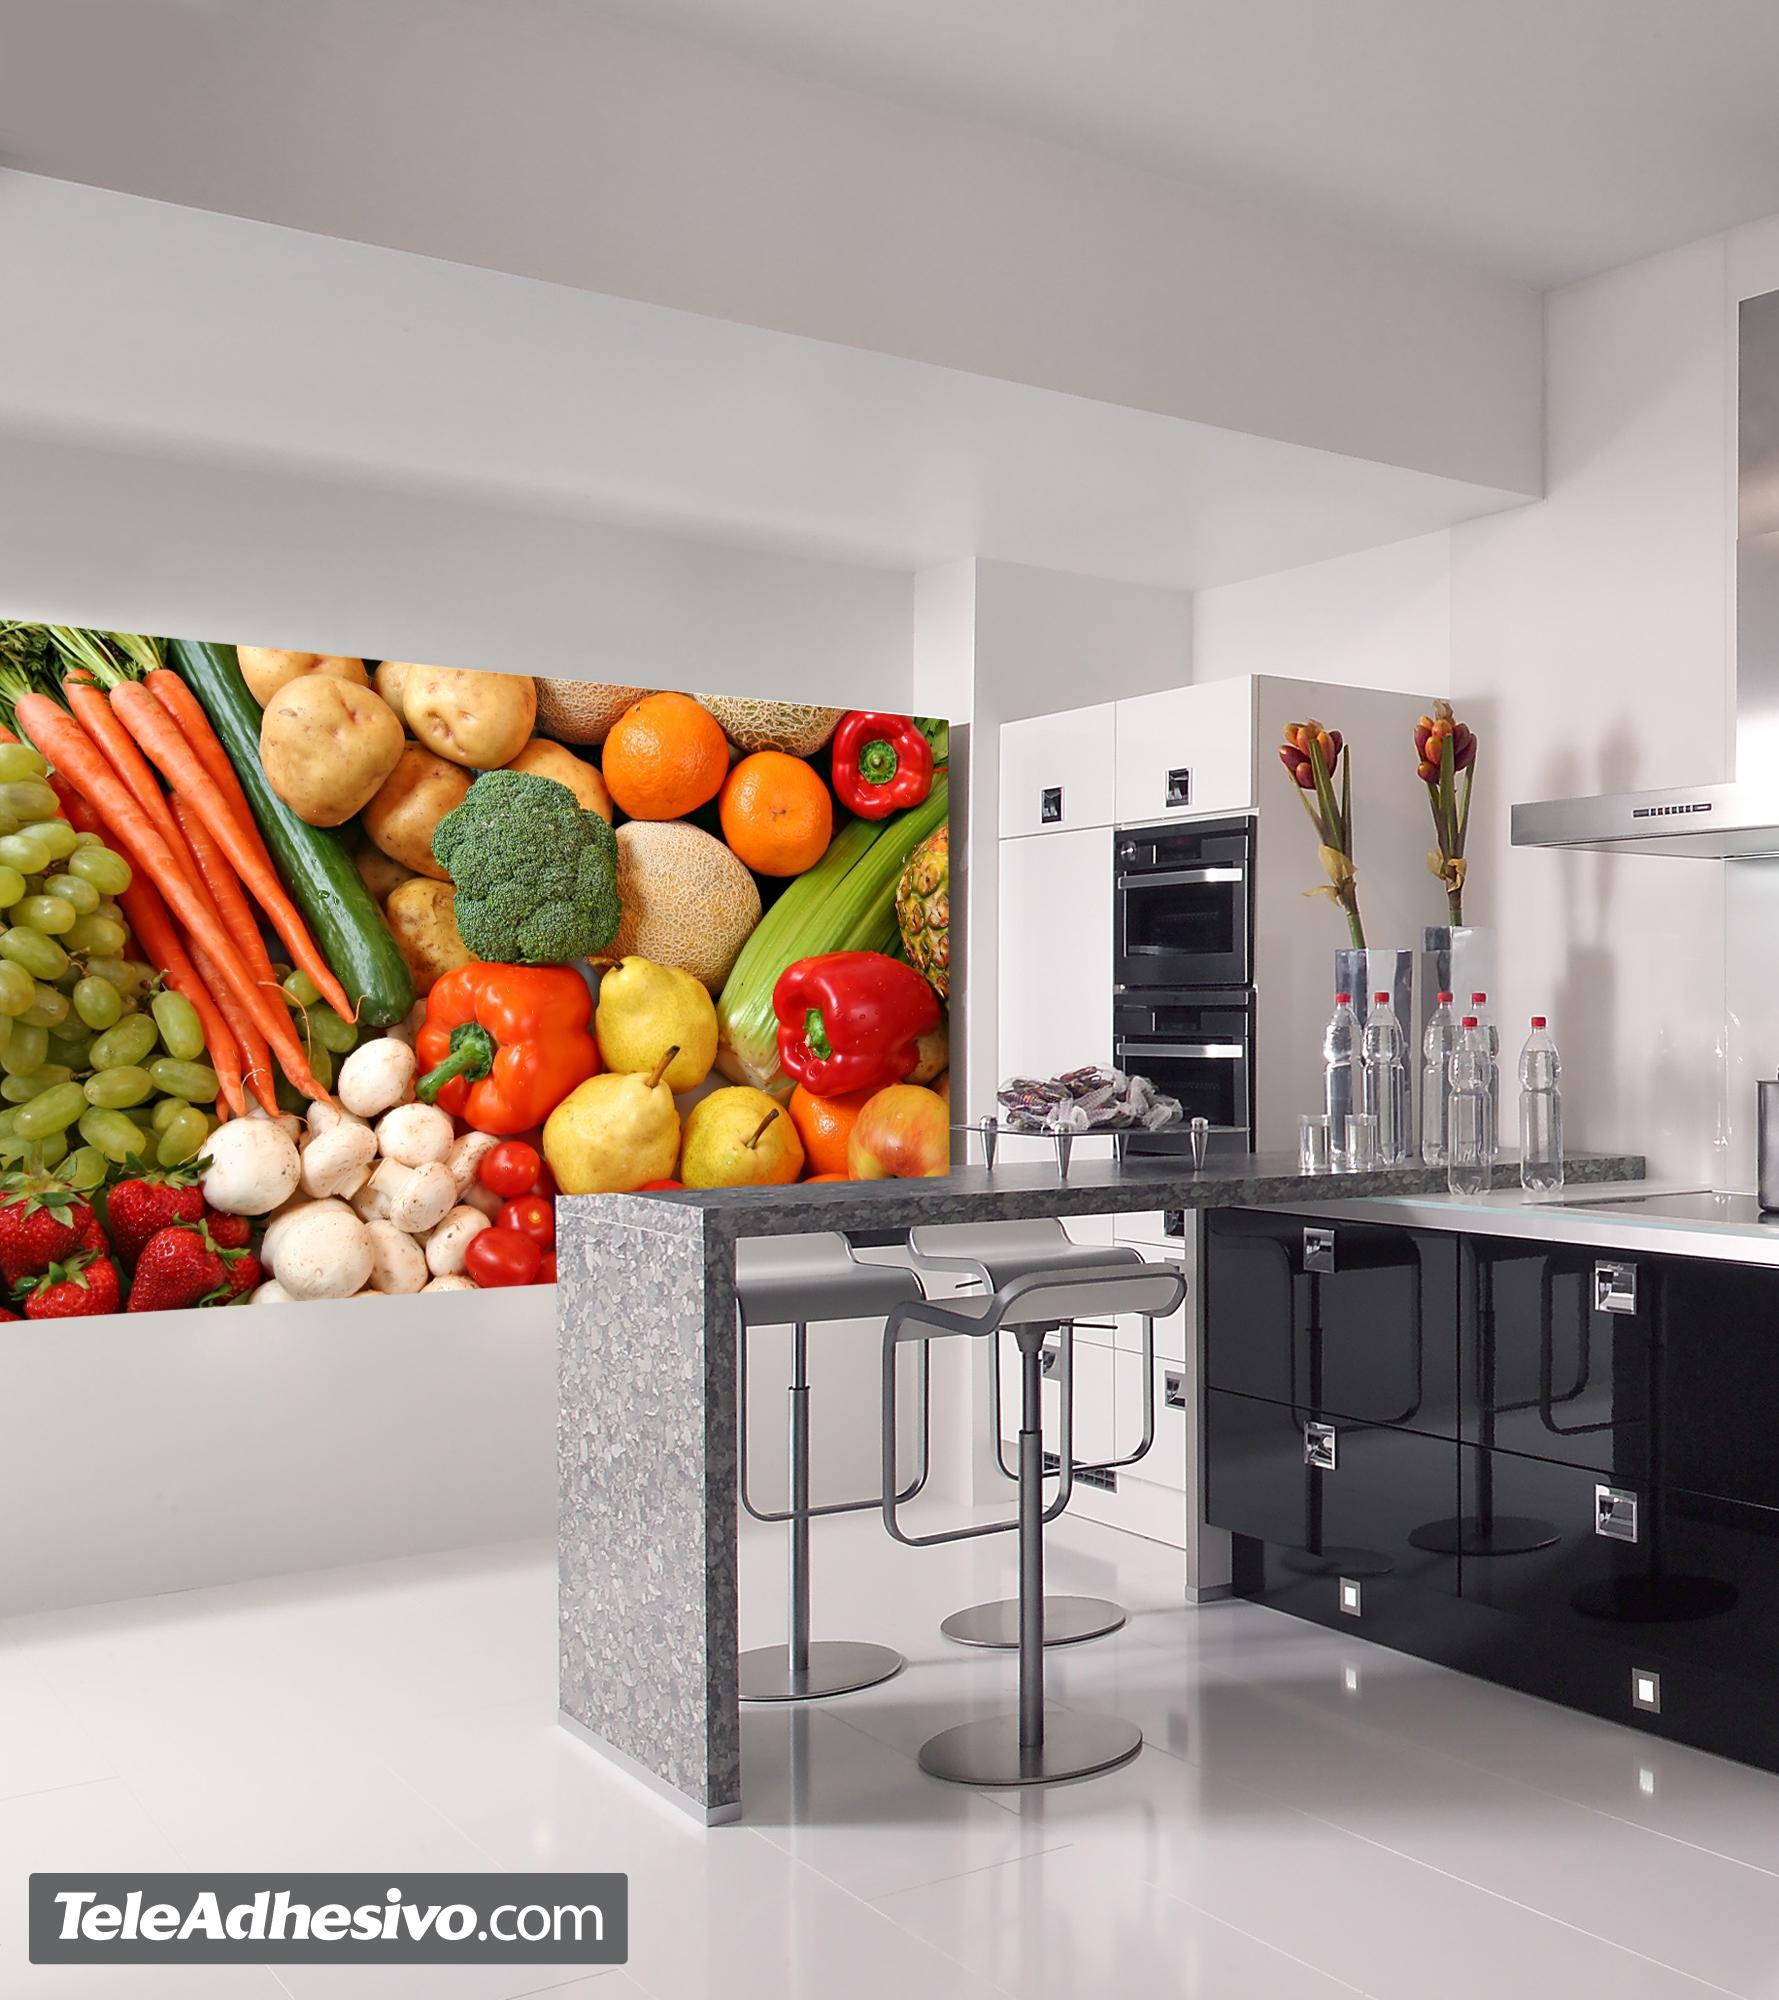 Fotomurales fresa con 2327 2000 fotomurales de cocina pinterest - Fotomurales cocina ...